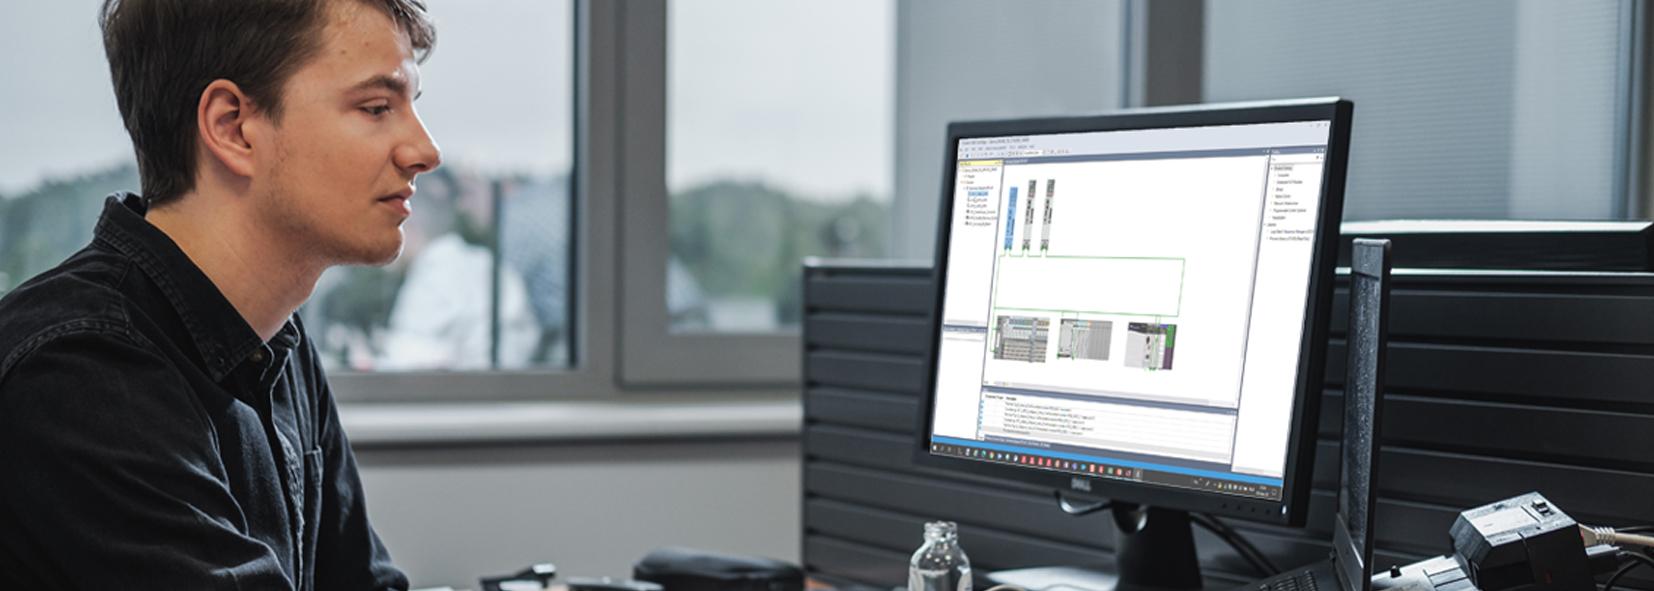 Rockwell-interface: koppel uw software van EPLAN en Rockwell